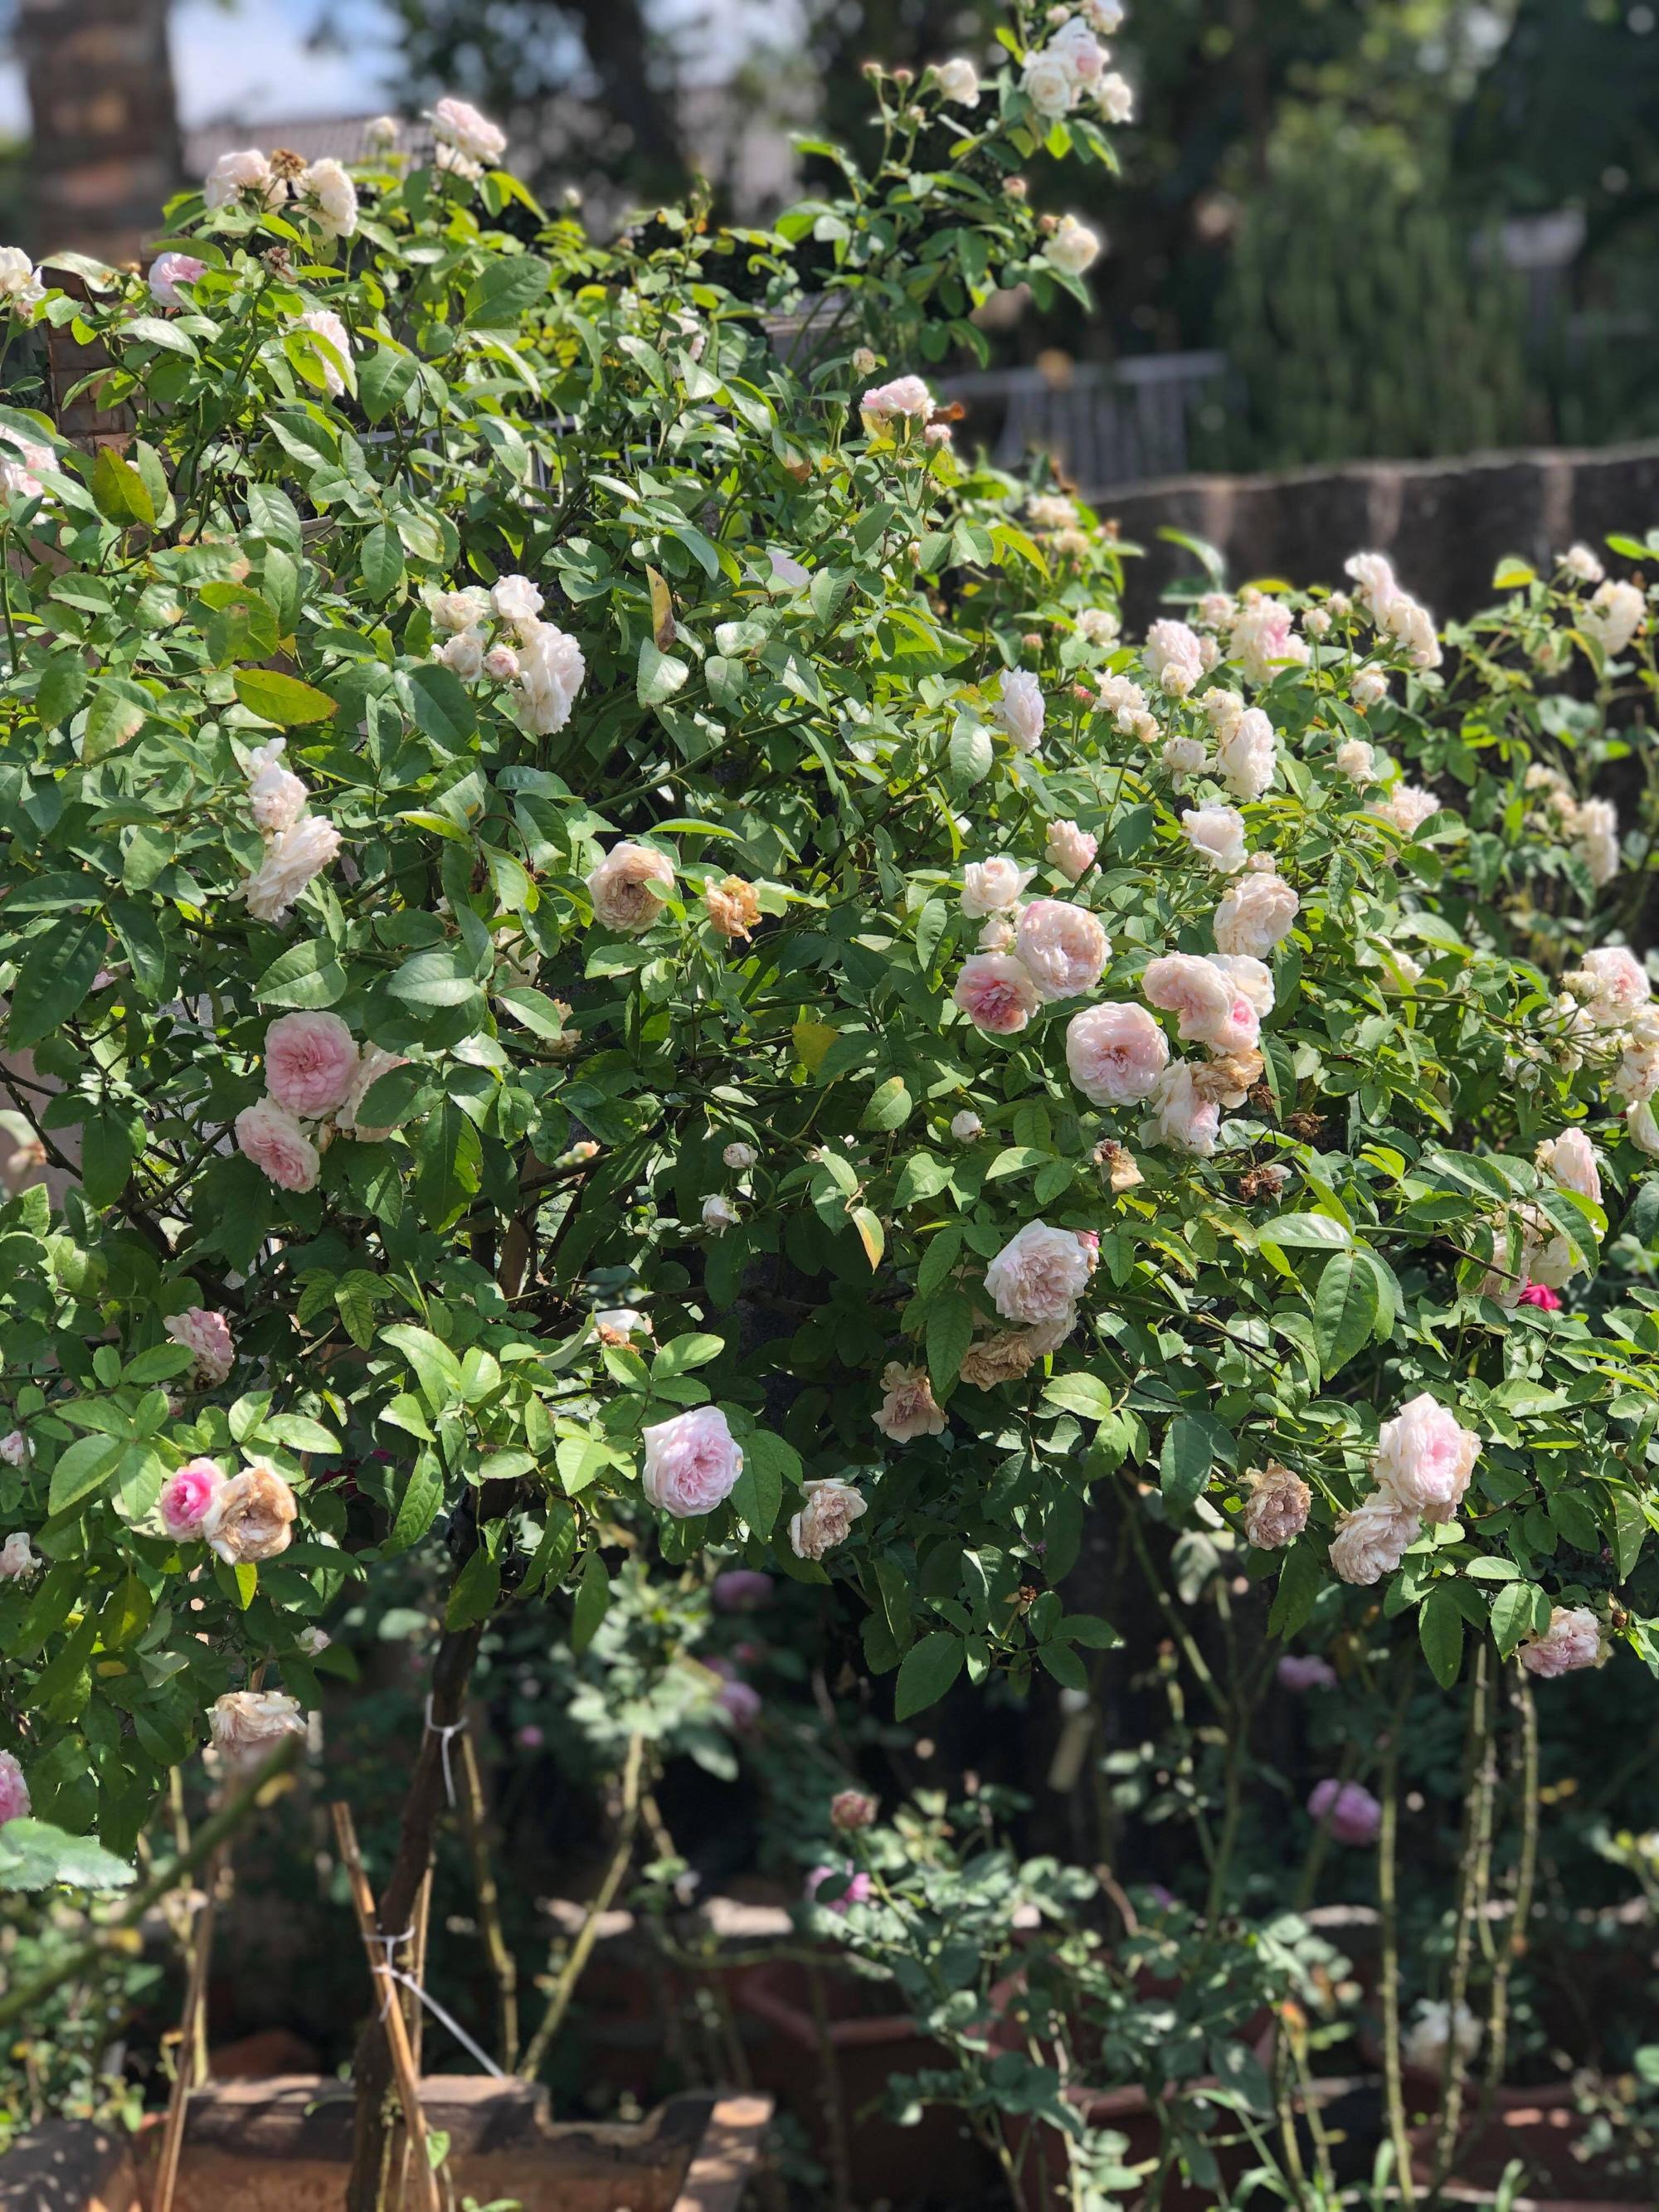 Vườn hồng 400 loài đẹp ngẩn ngơ của kỹ sư bỏ phố về núi - Ảnh 7.